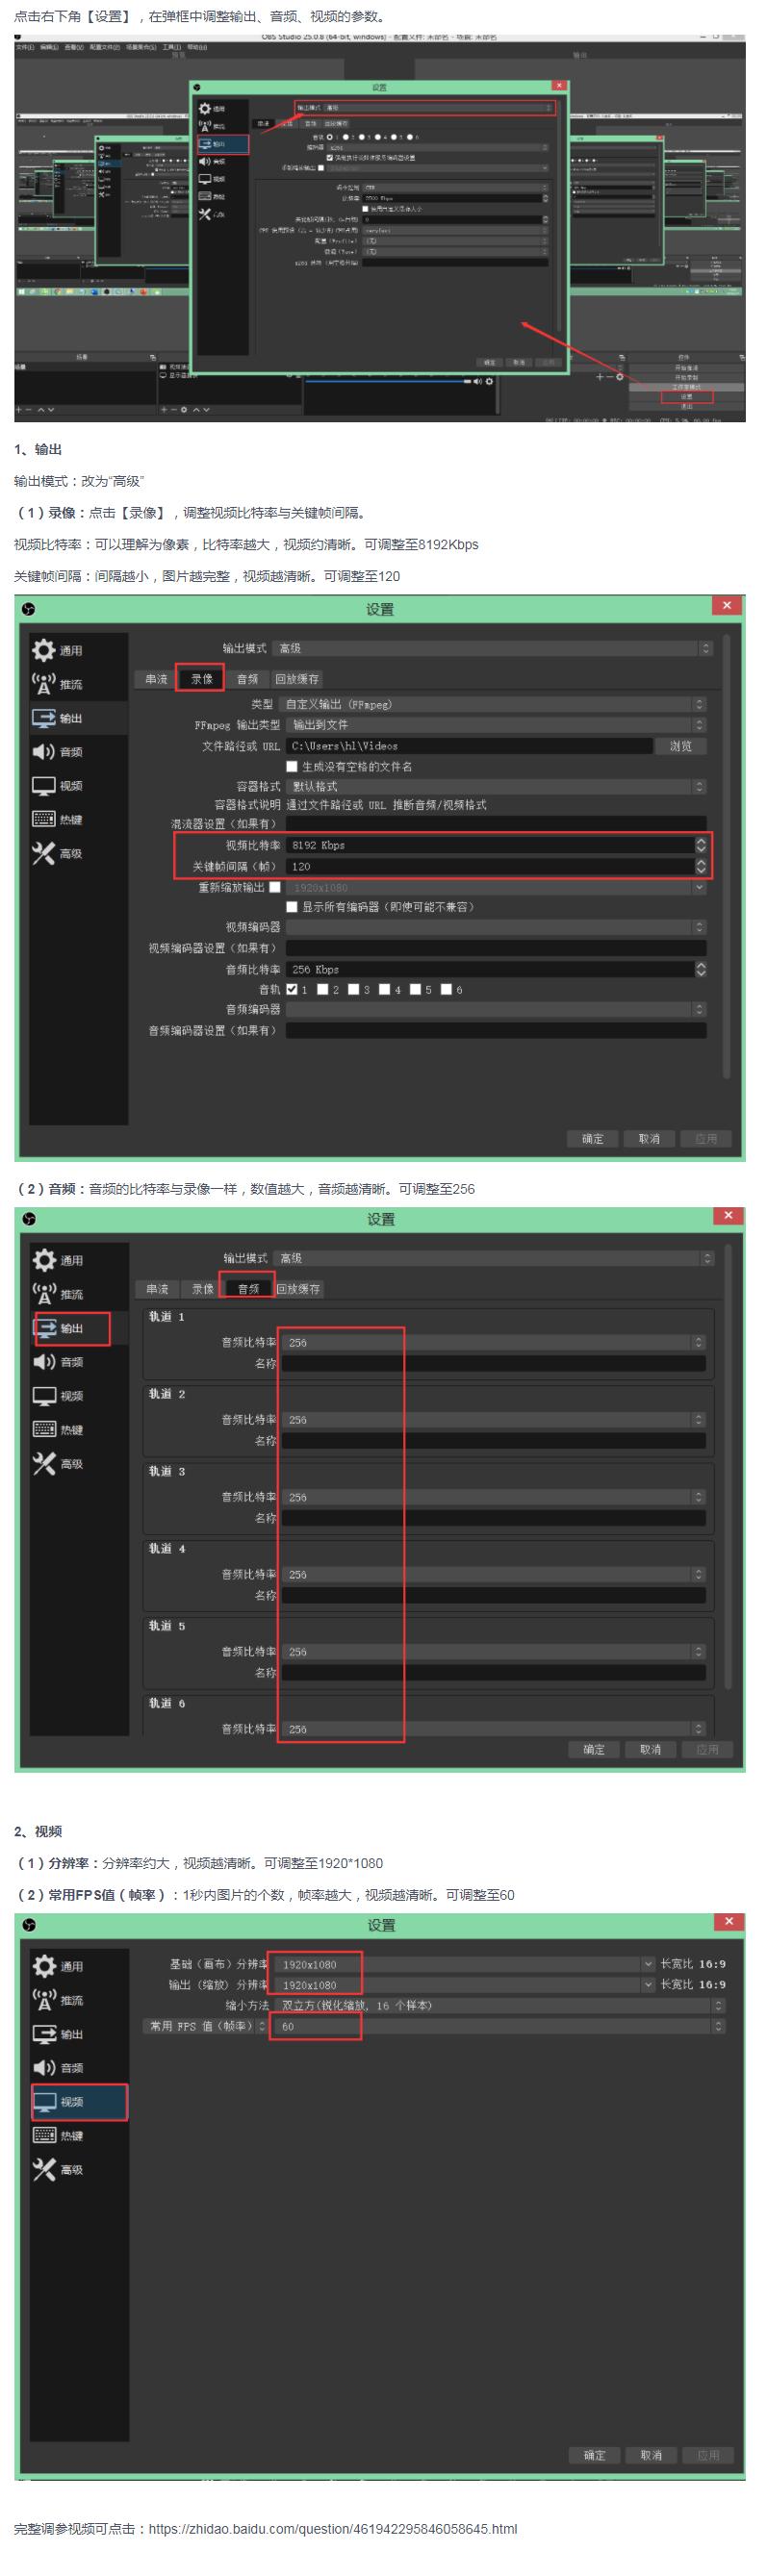 OBS录制视频画面很糊,不清晰,如何解决?